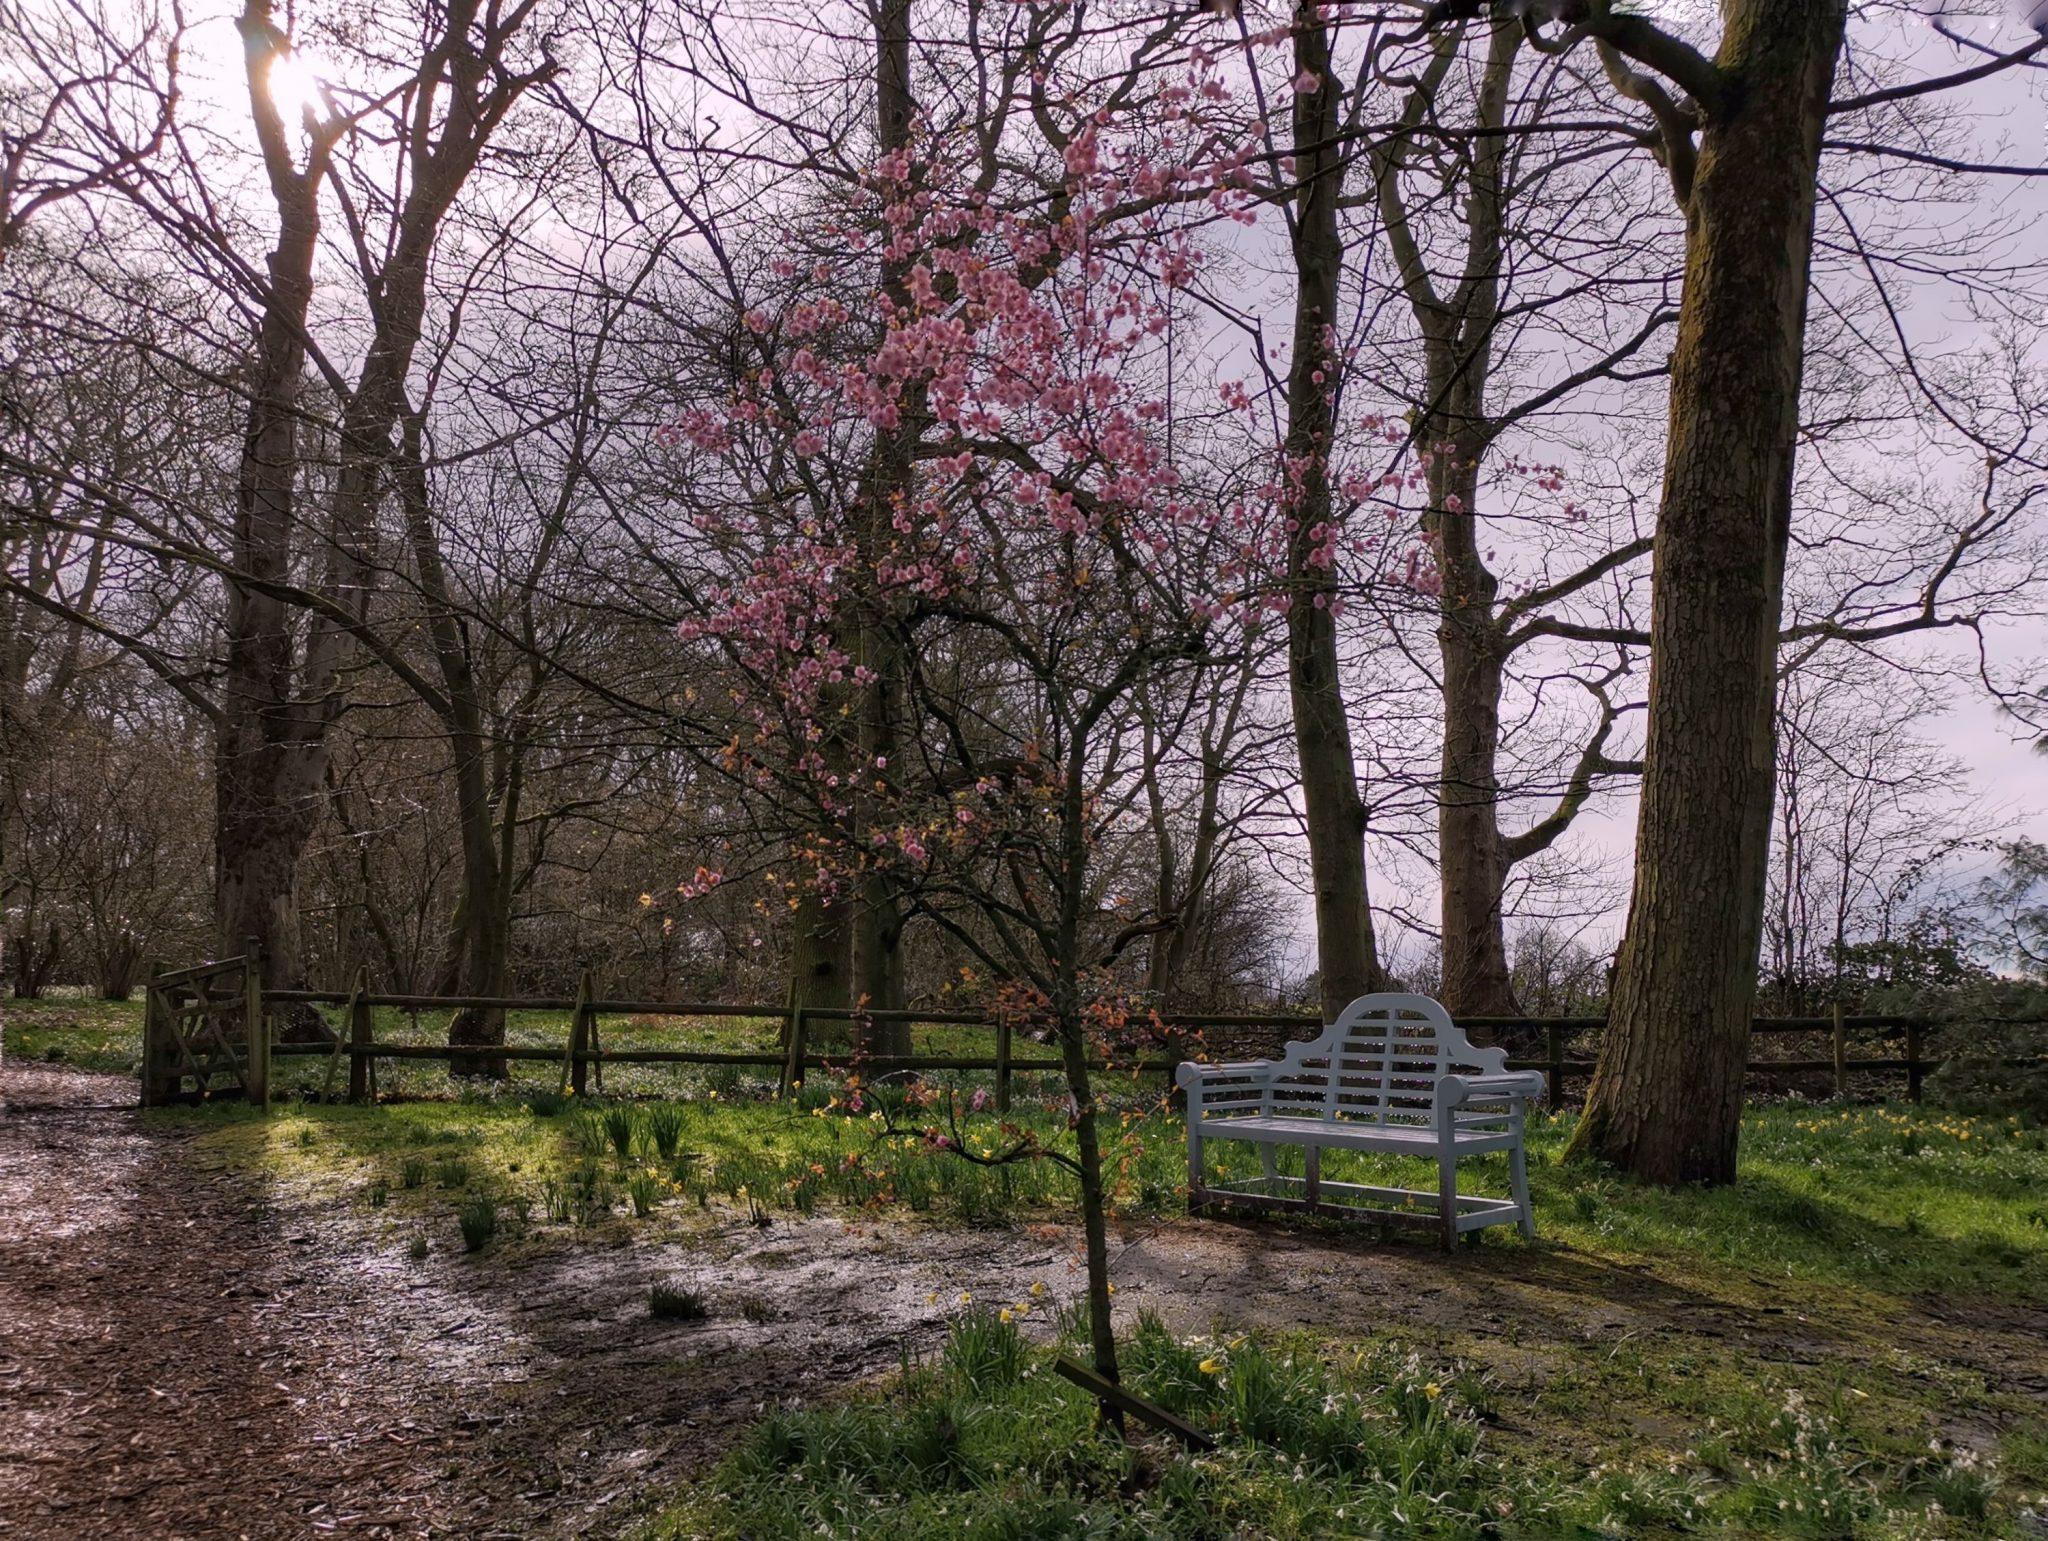 urokliwe miajsca w ogrodach Cheshire